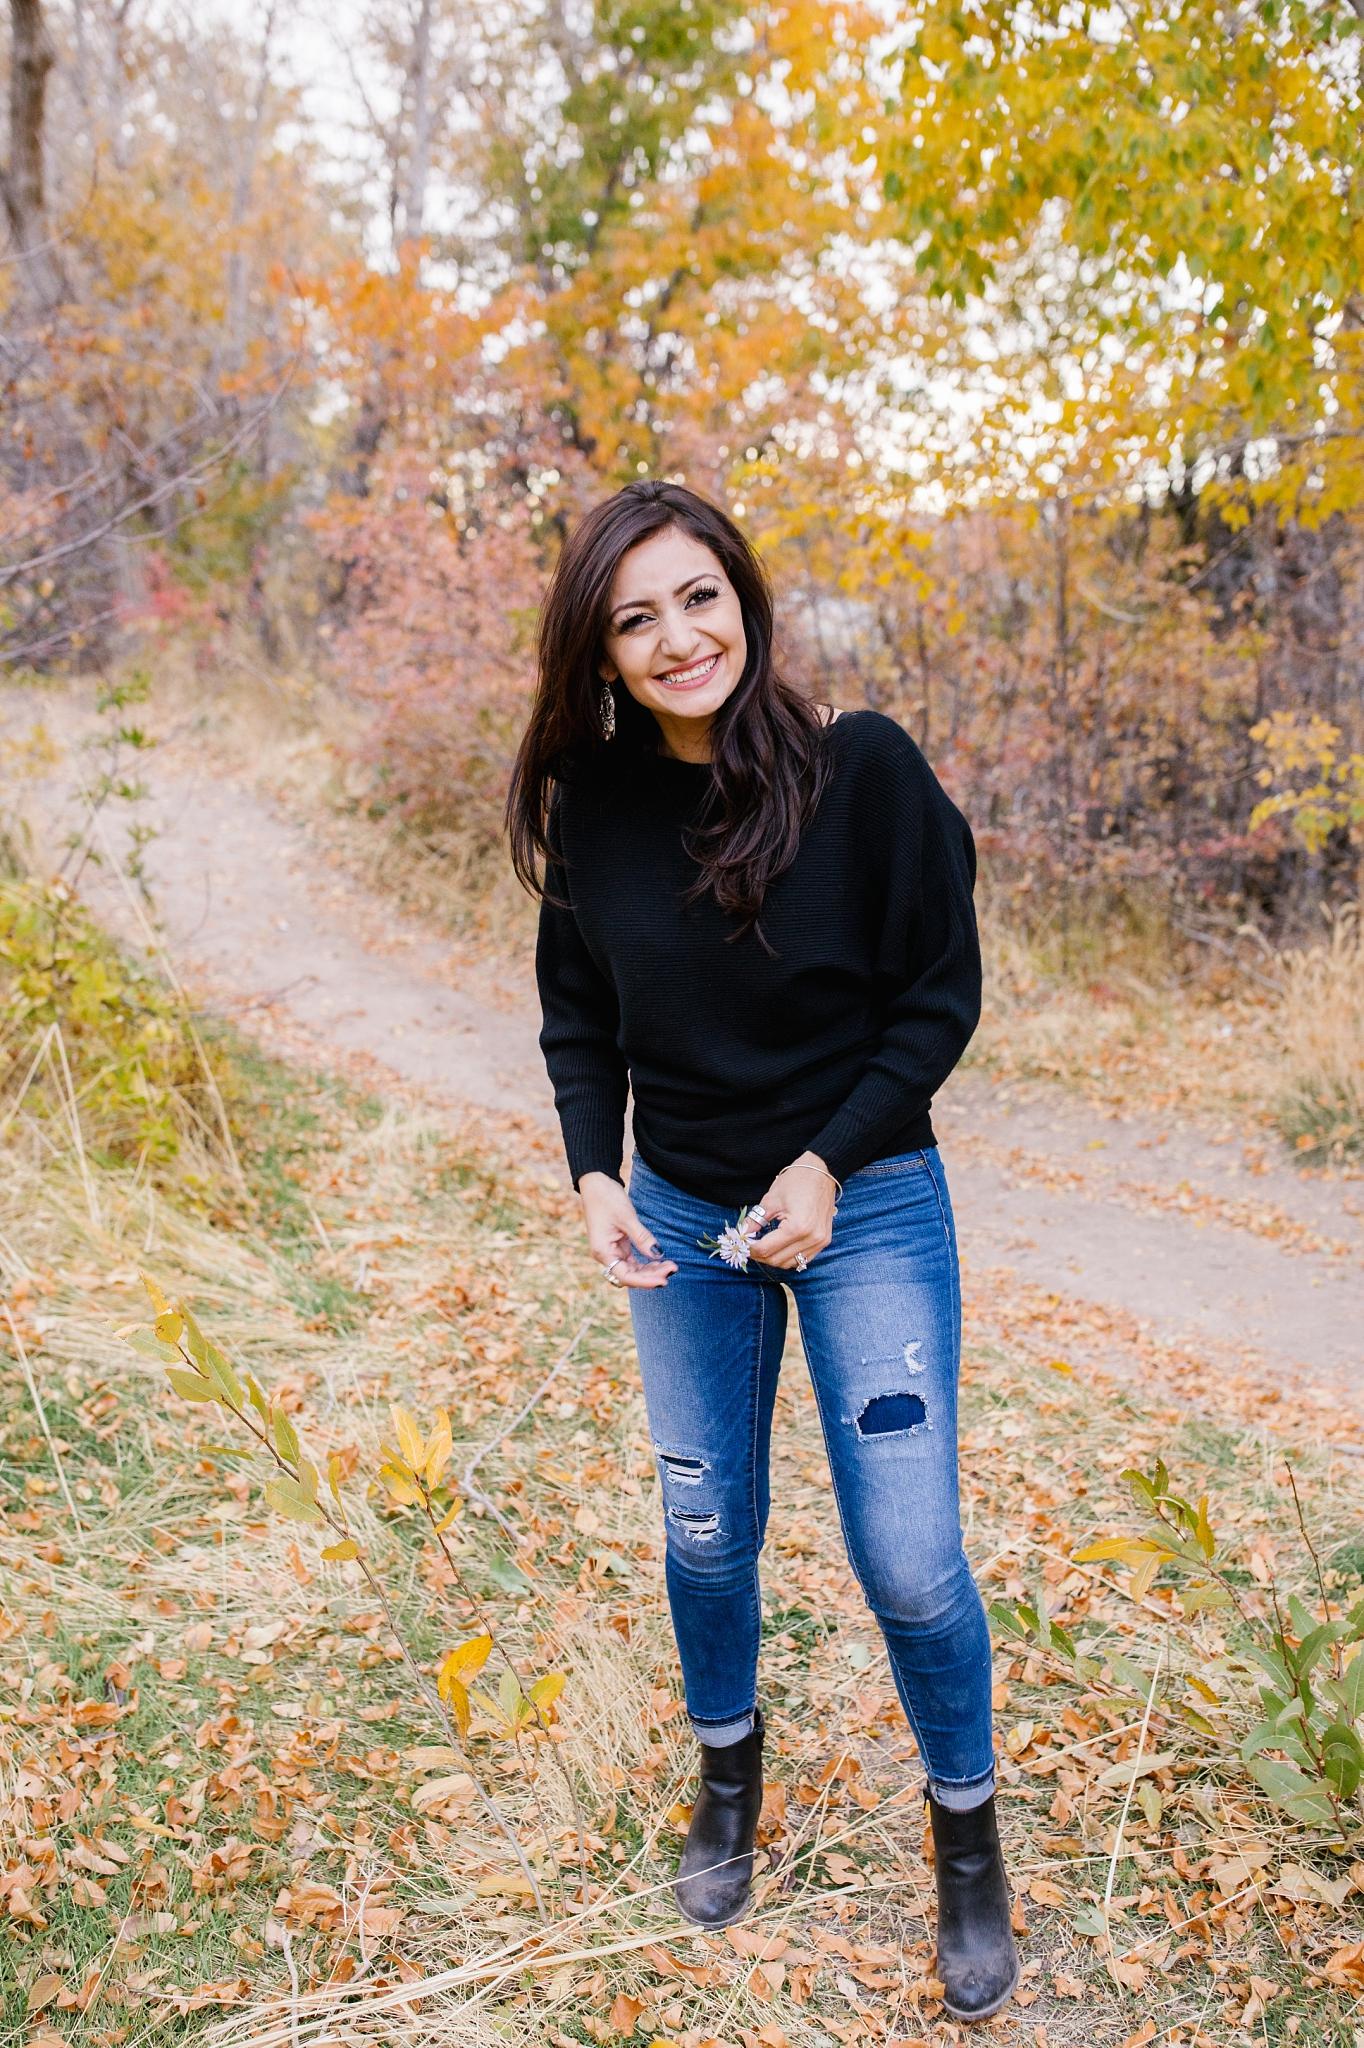 Tischner-102_Lizzie-B-Imagery-Utah-Family-Photographer-Park-City-Salt-Lake-City-Nephi-Utah.jpg